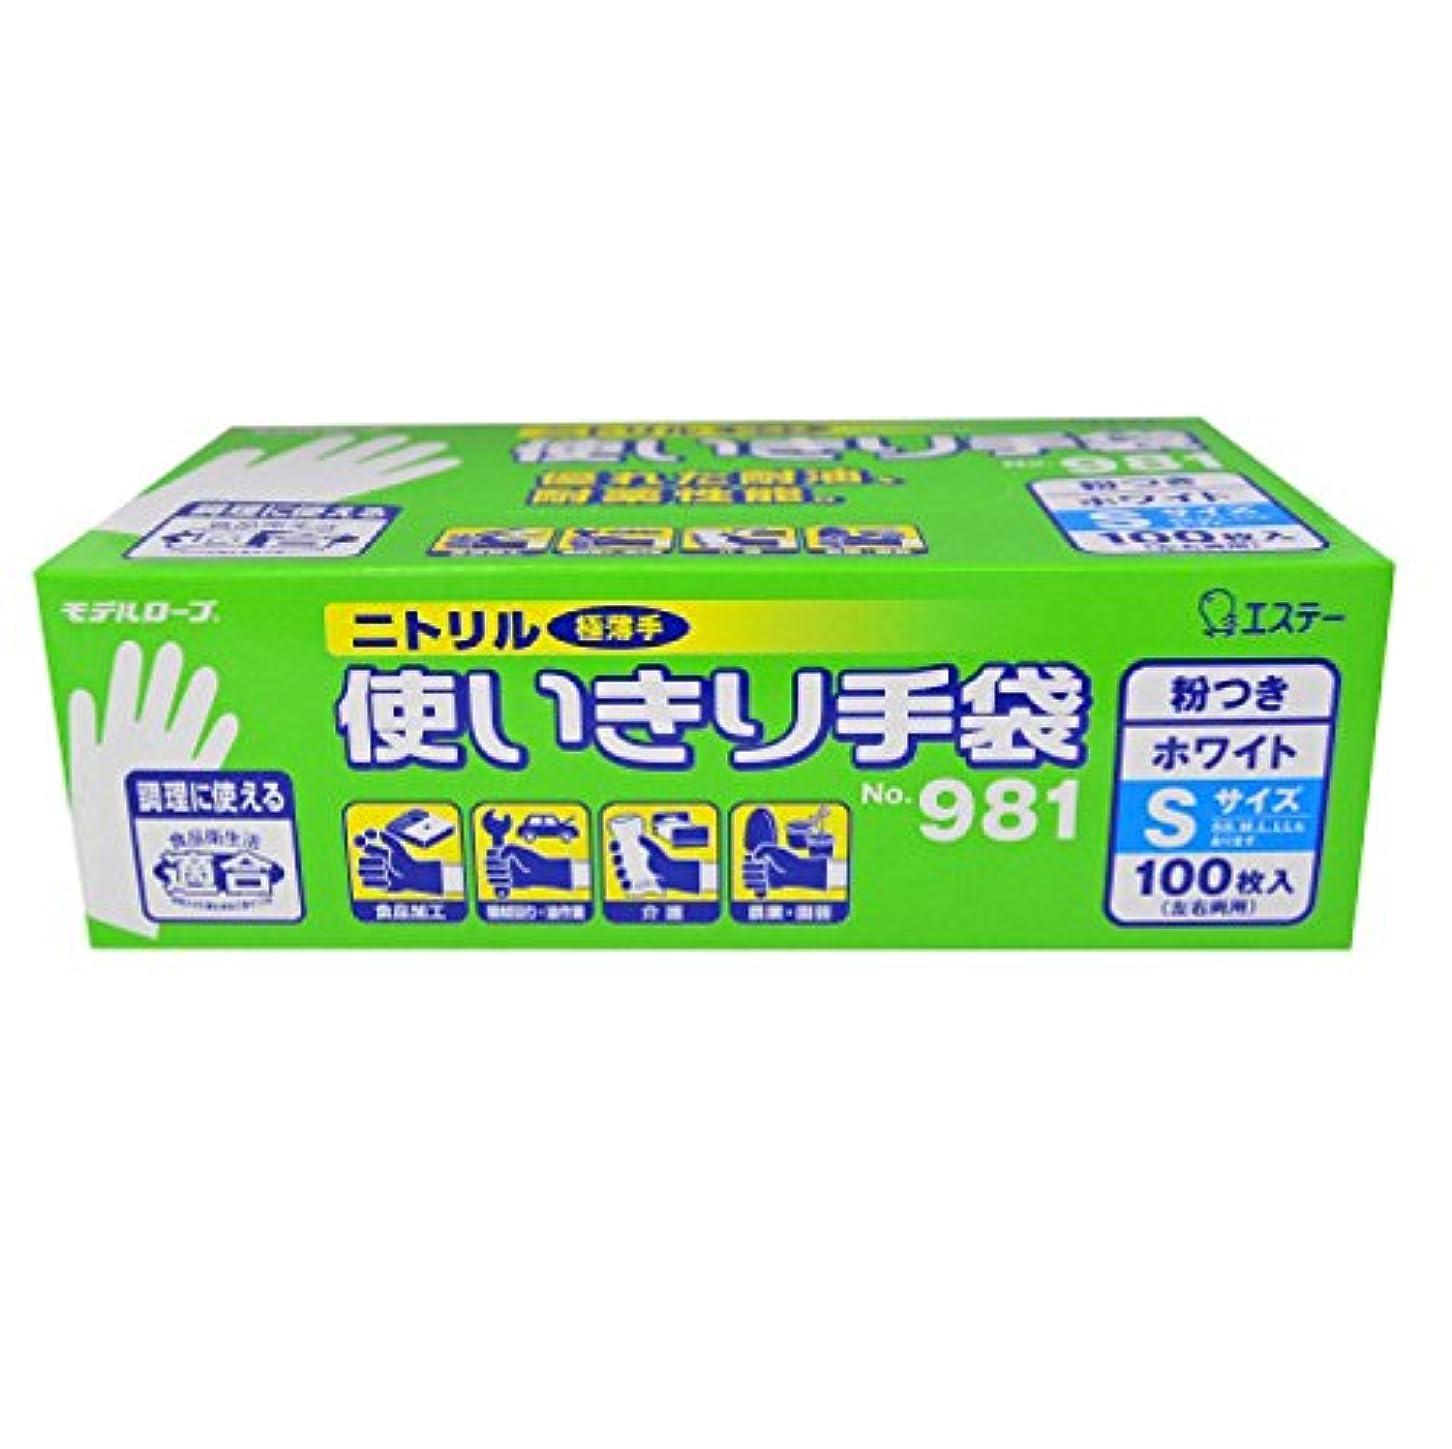 レモンメイン羊エステー 二トリル手袋 粉付(100枚入)S ブルー No.981